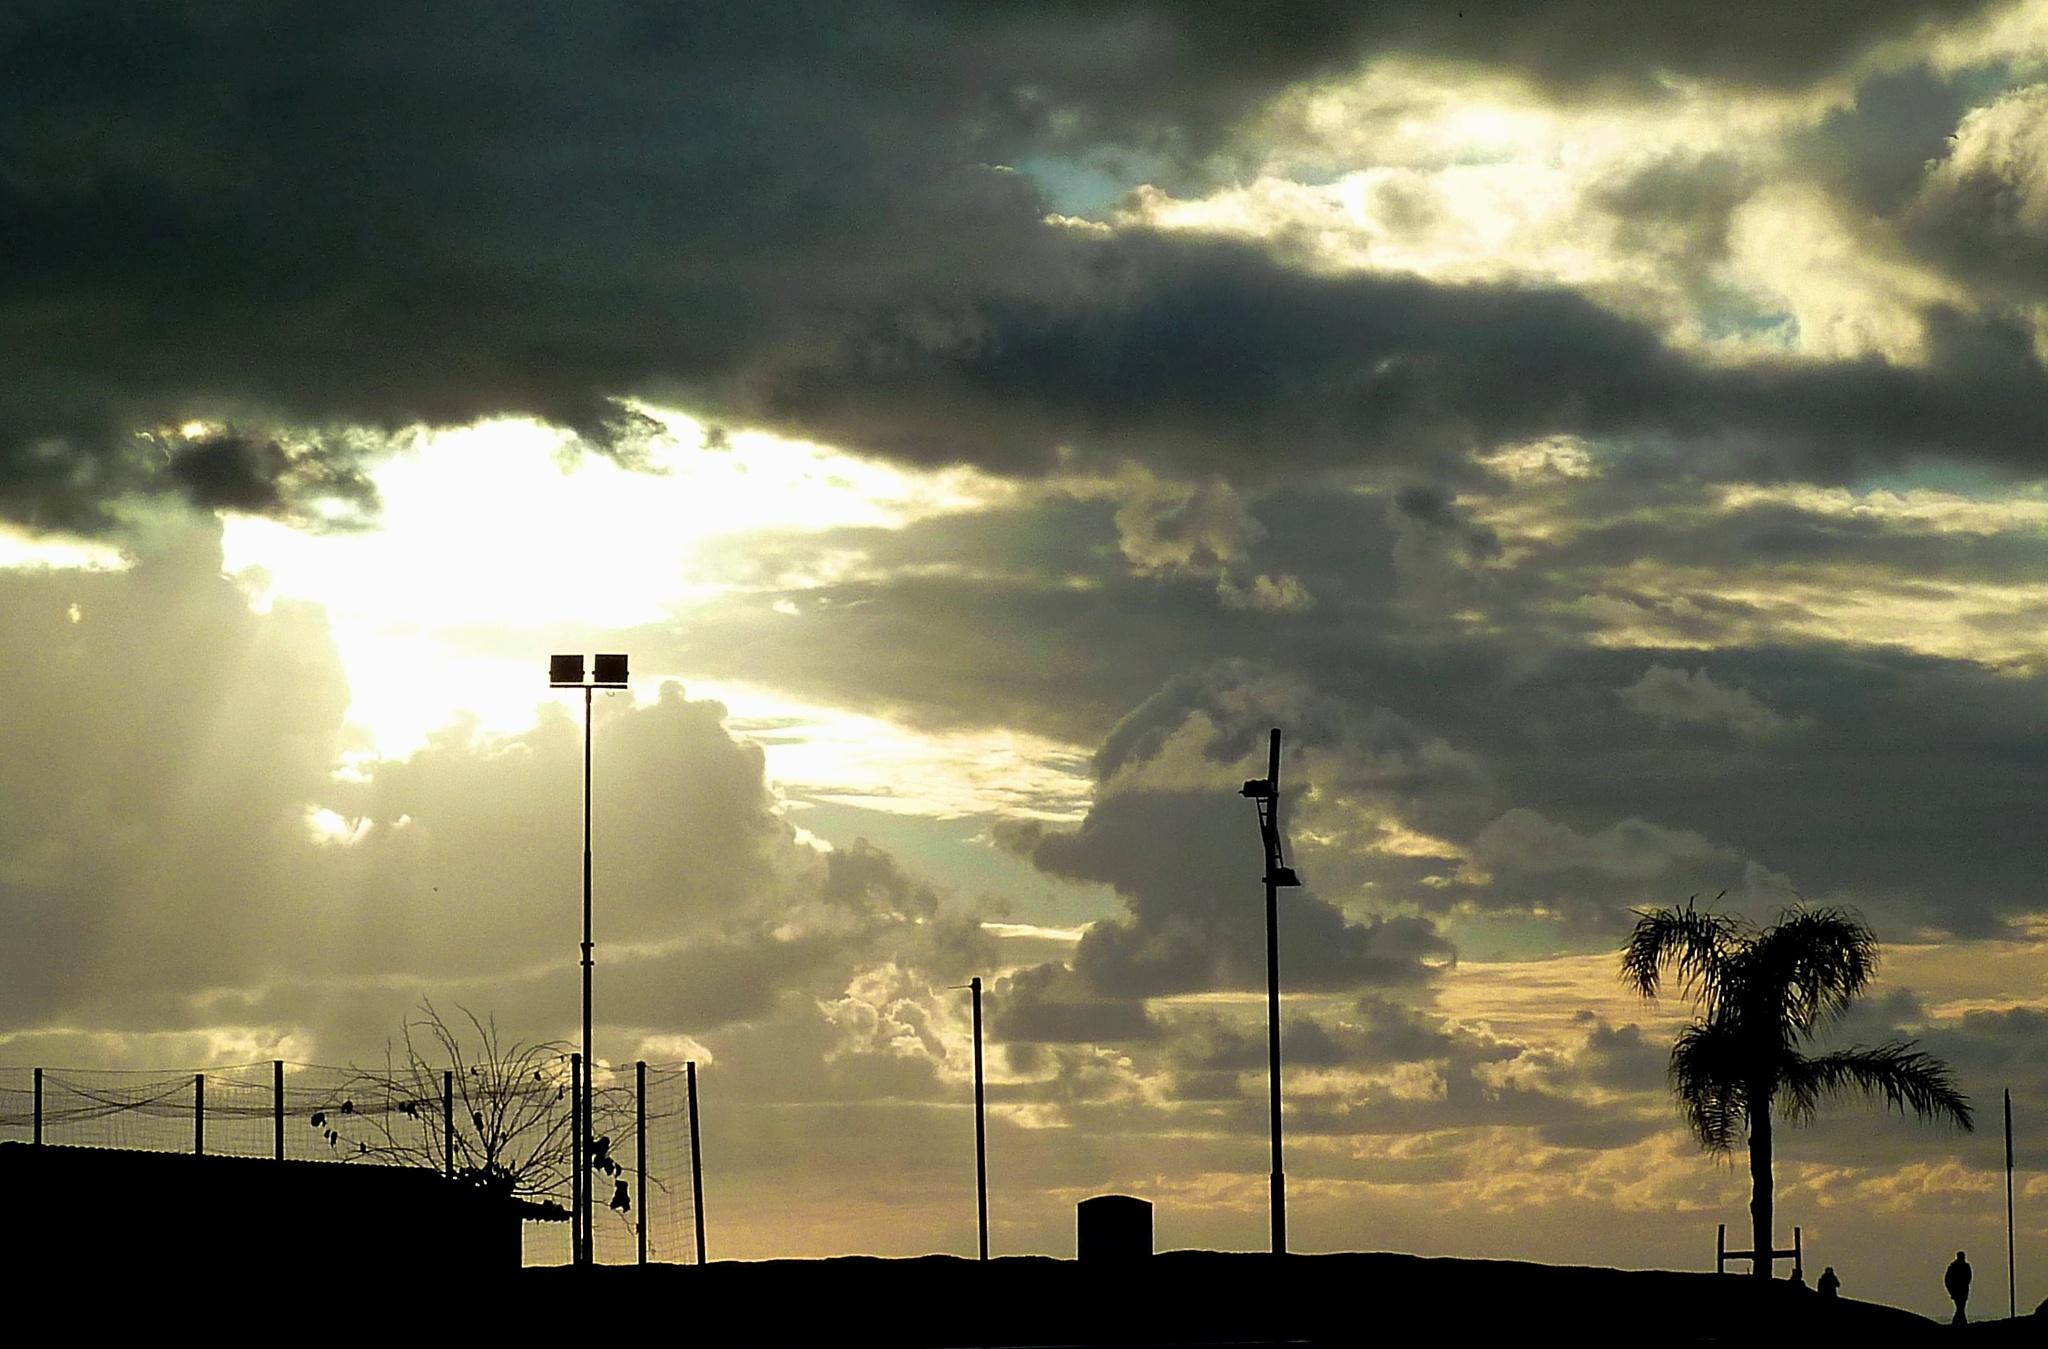 Towards sunset. by Anton Agalbato